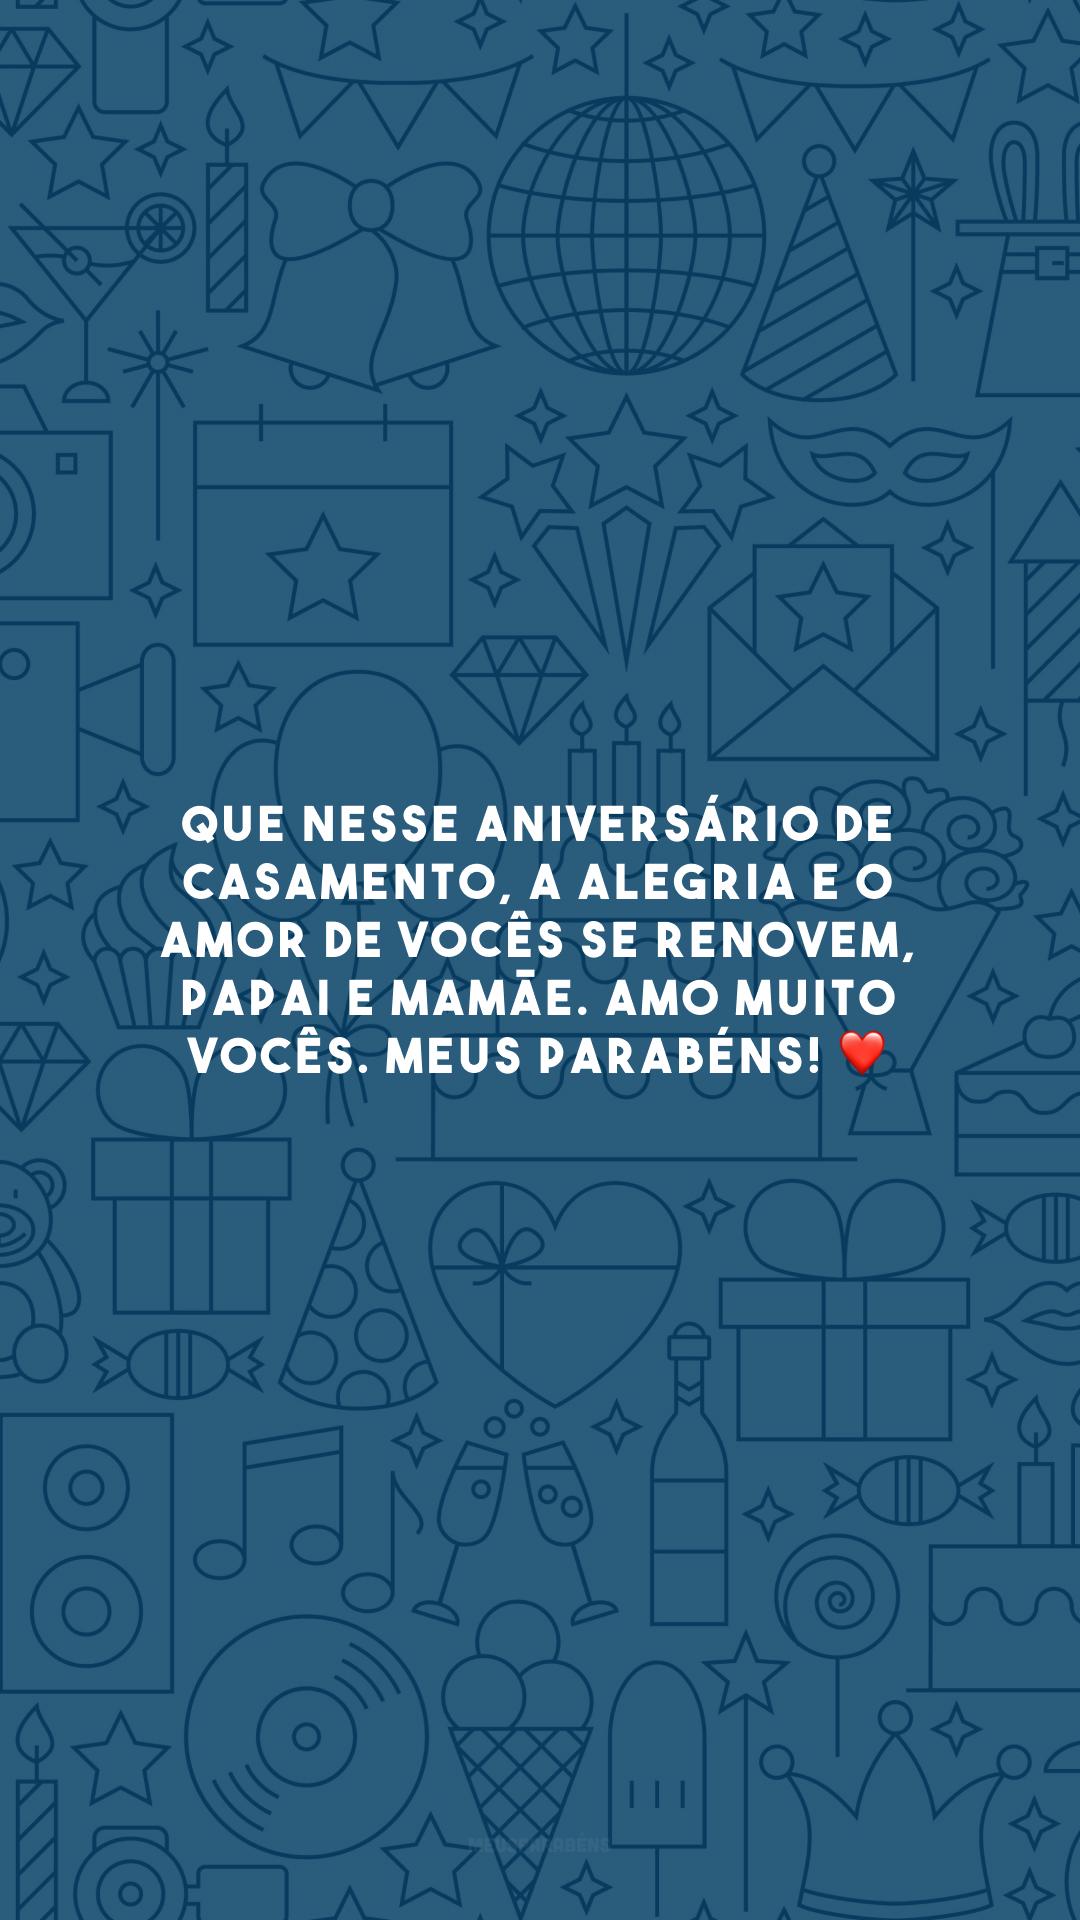 Que nesse aniversário de casamento, a alegria e o amor de vocês se renovem, papai e mamãe. Amo muito vocês. Meus parabéns! ❤️